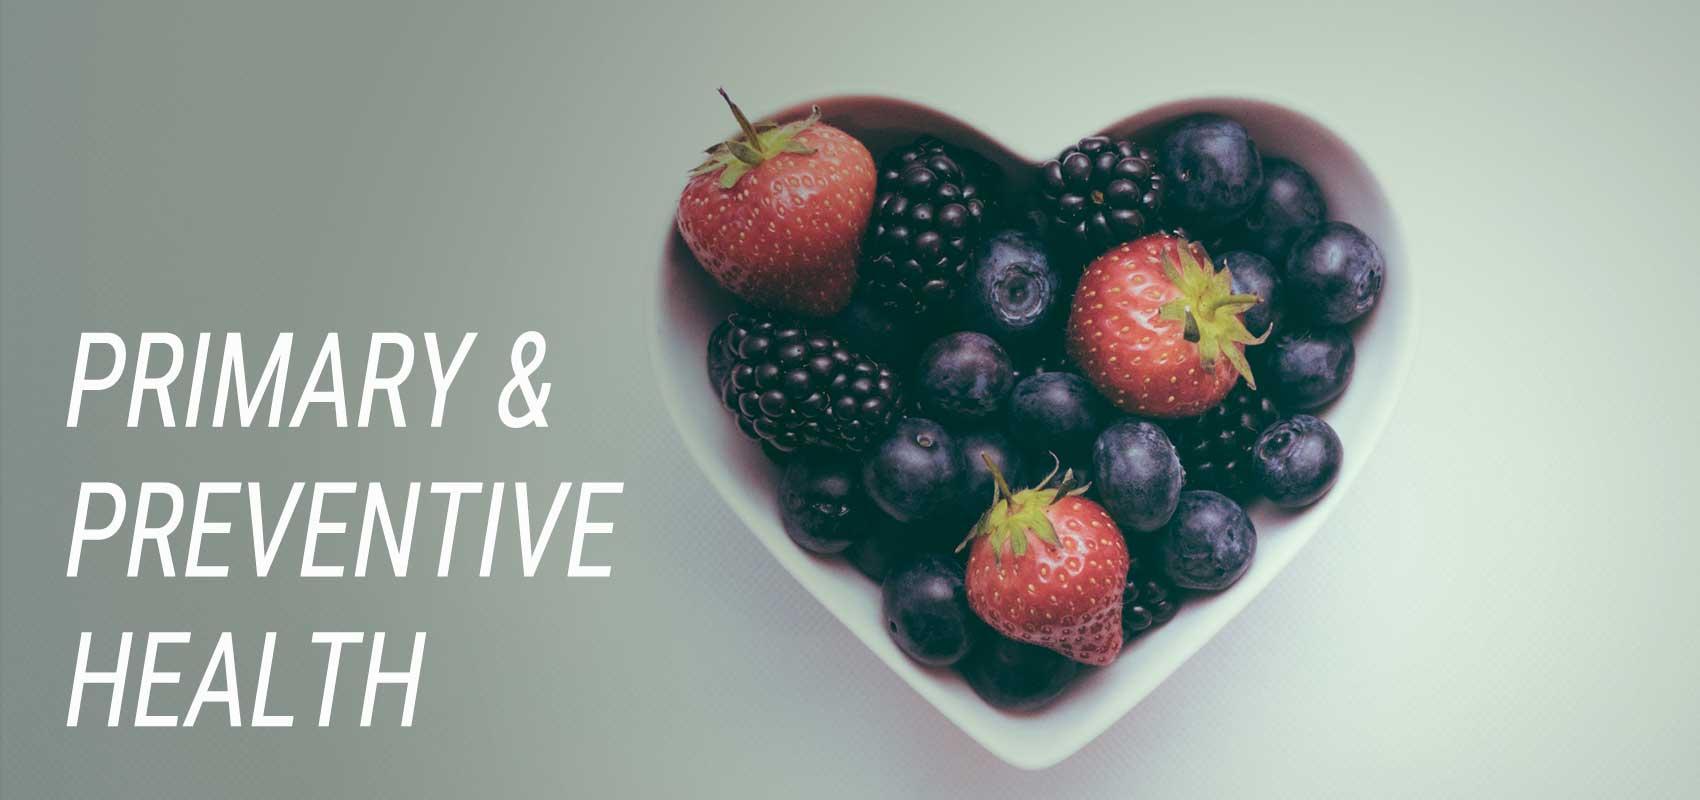 Primary and Preventive Health